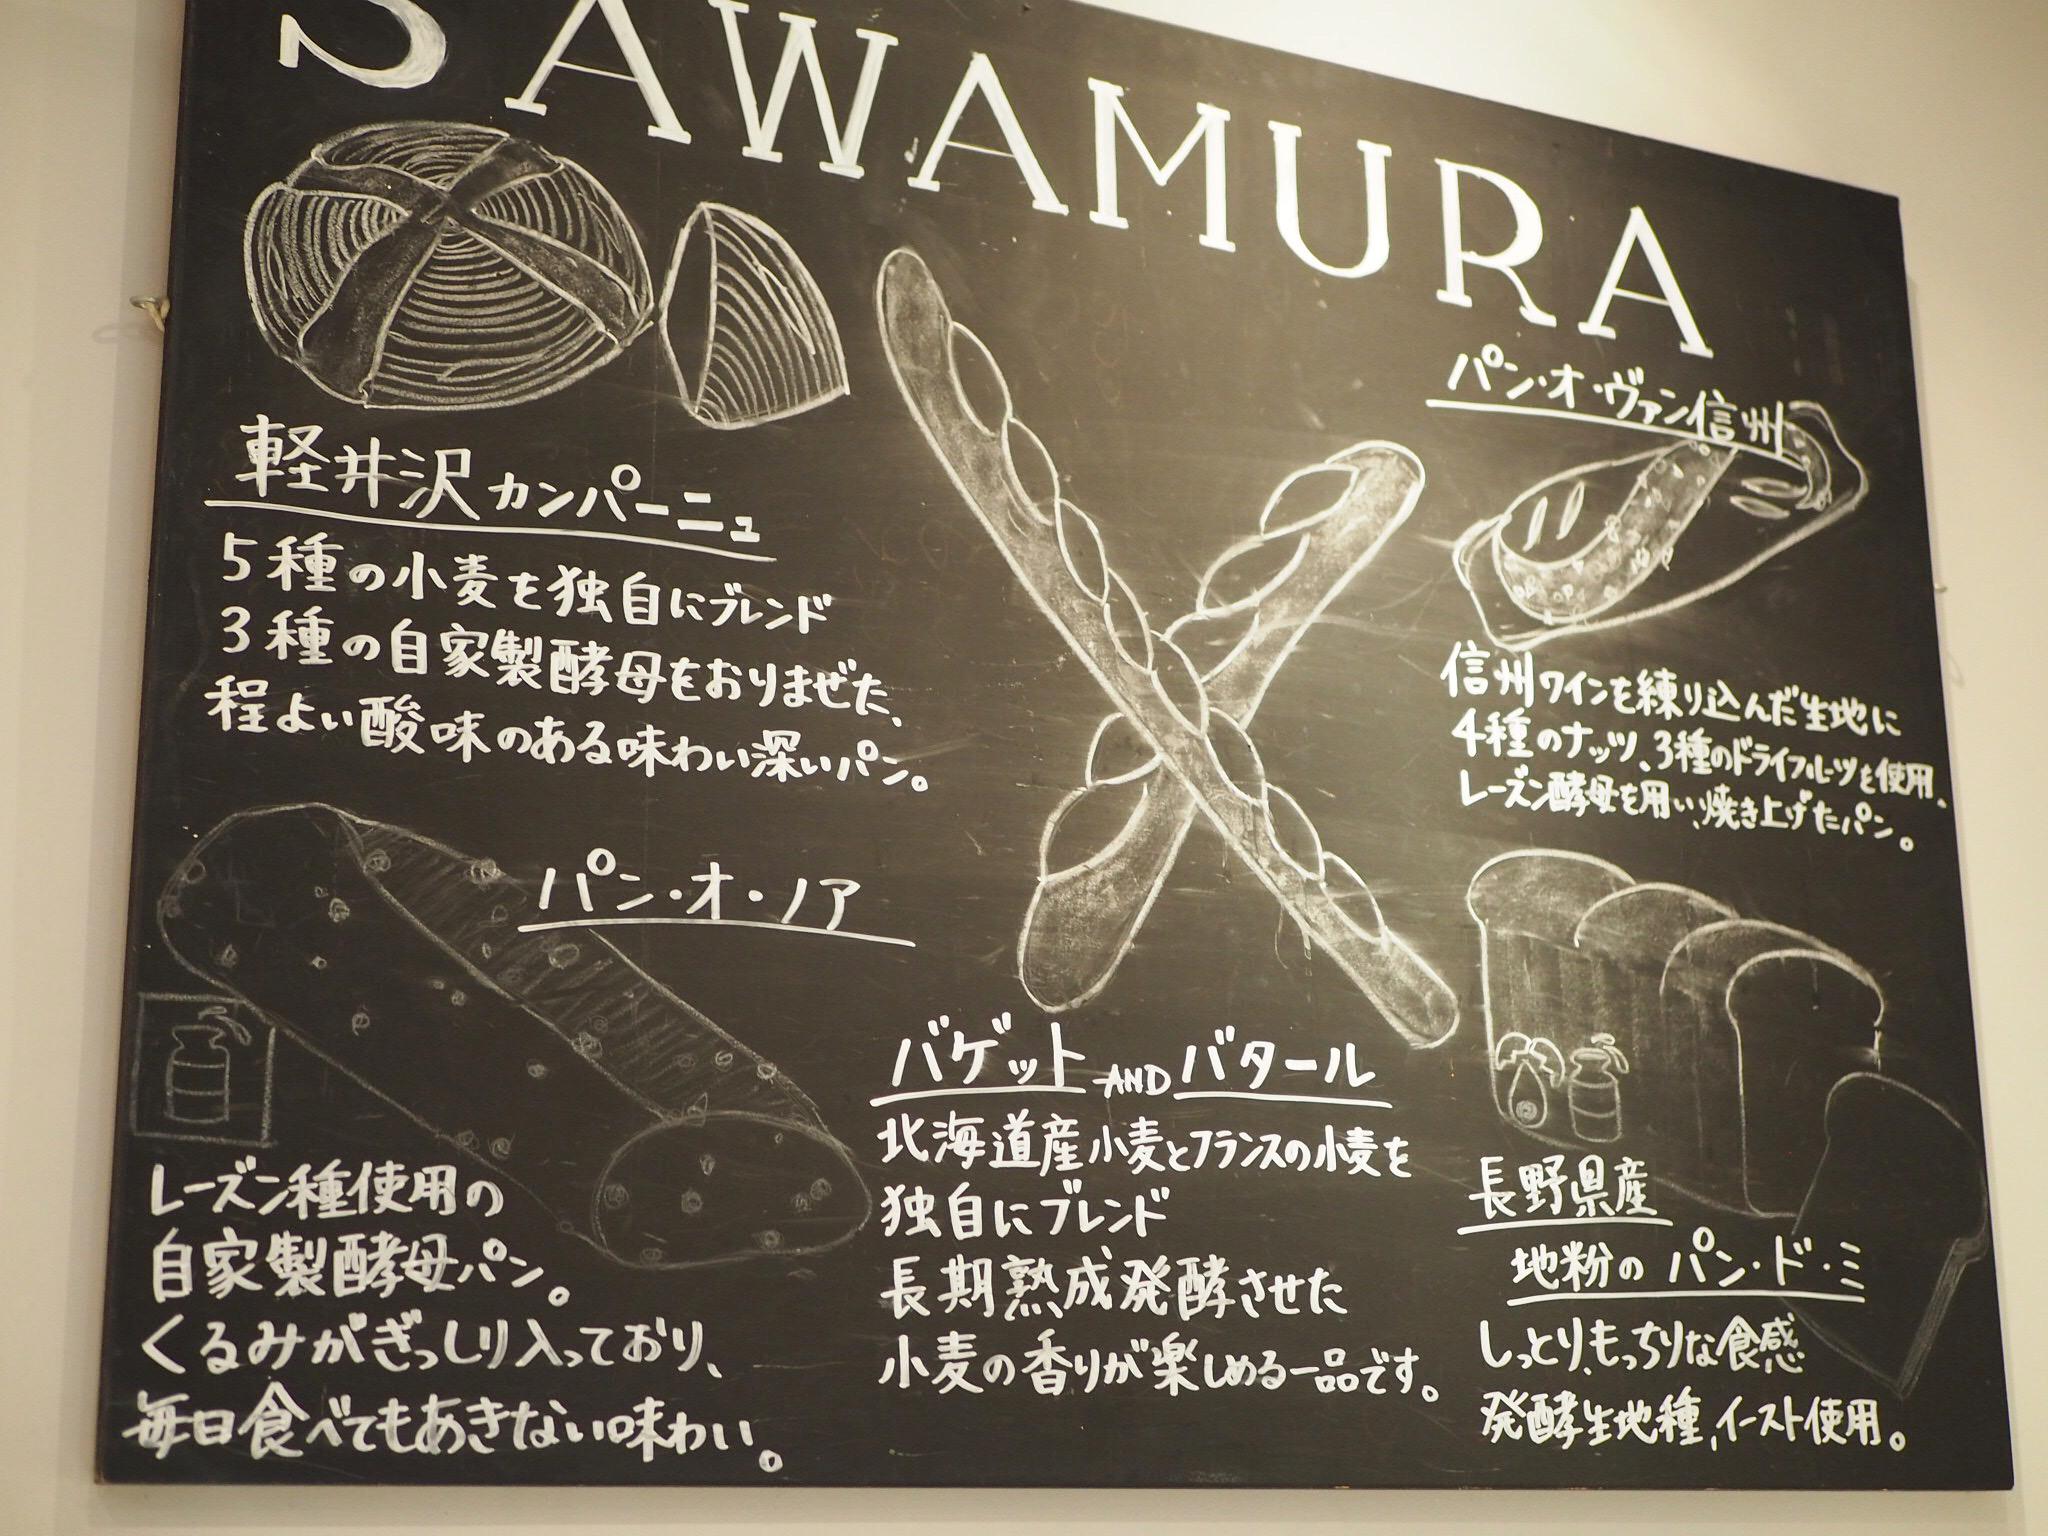 【軽井沢の朝食】は「沢村」のパンと珈琲がおすすめでした❁❁❁_2